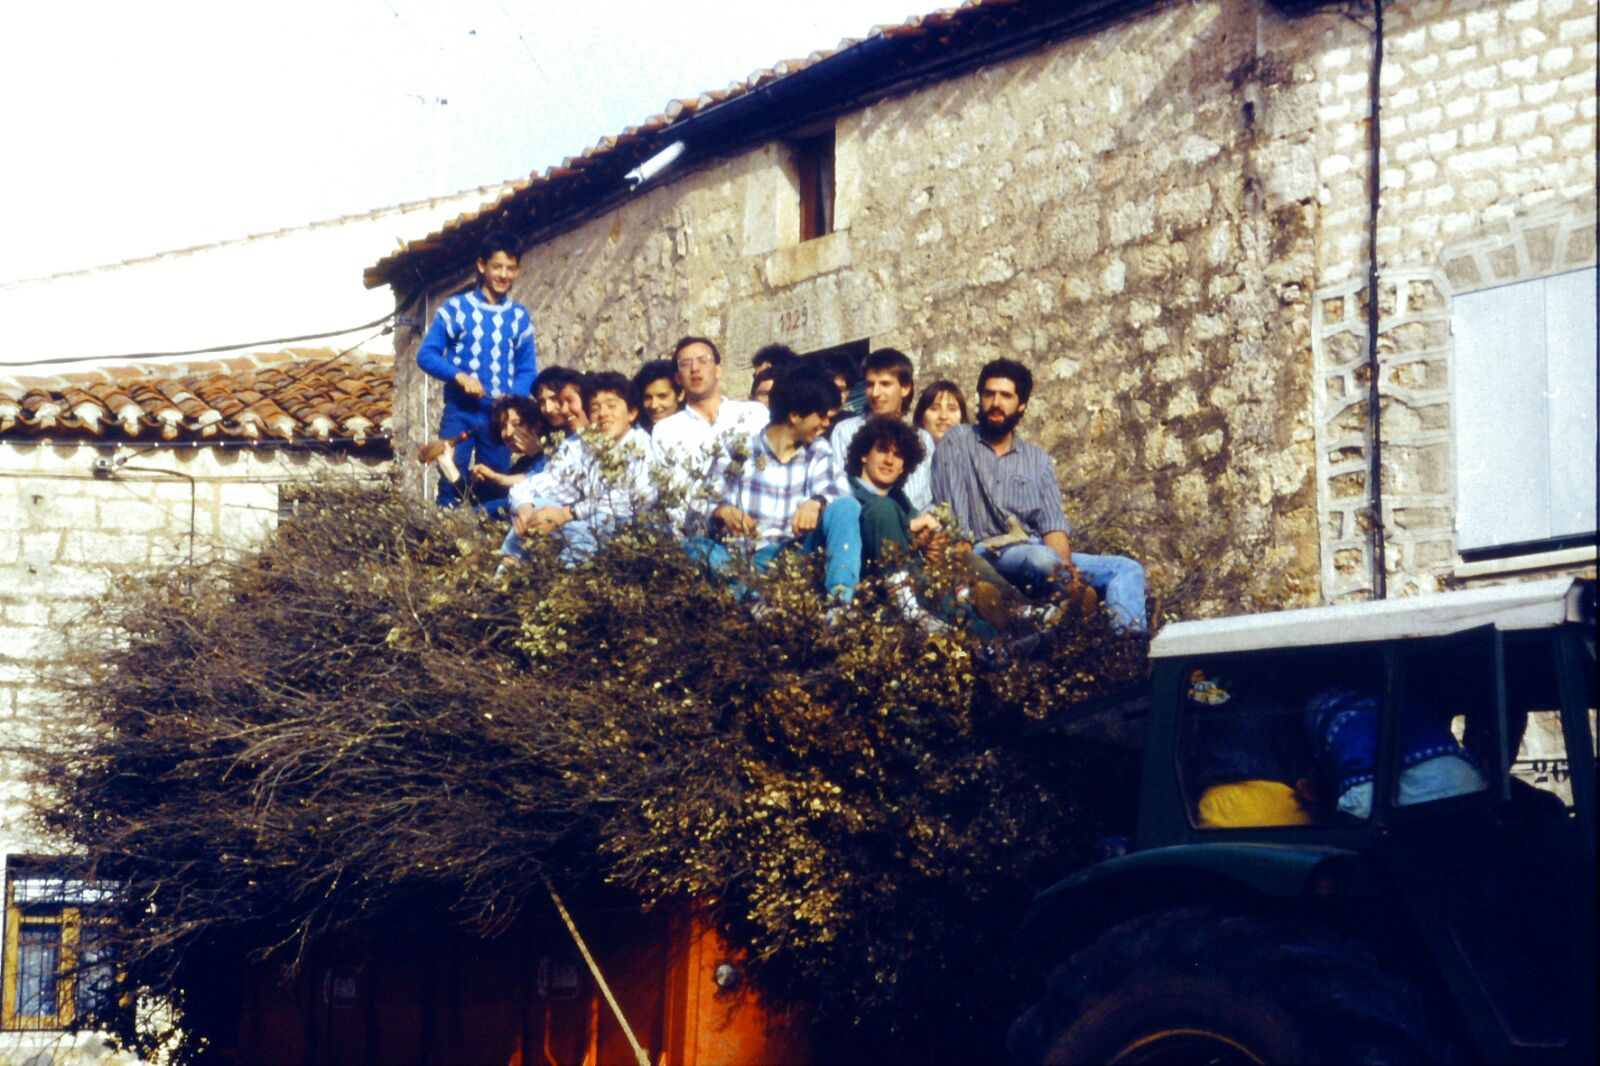 Mecerreyes, recogida de támbaras, año 1986. Foto Fernando Alonso, 2